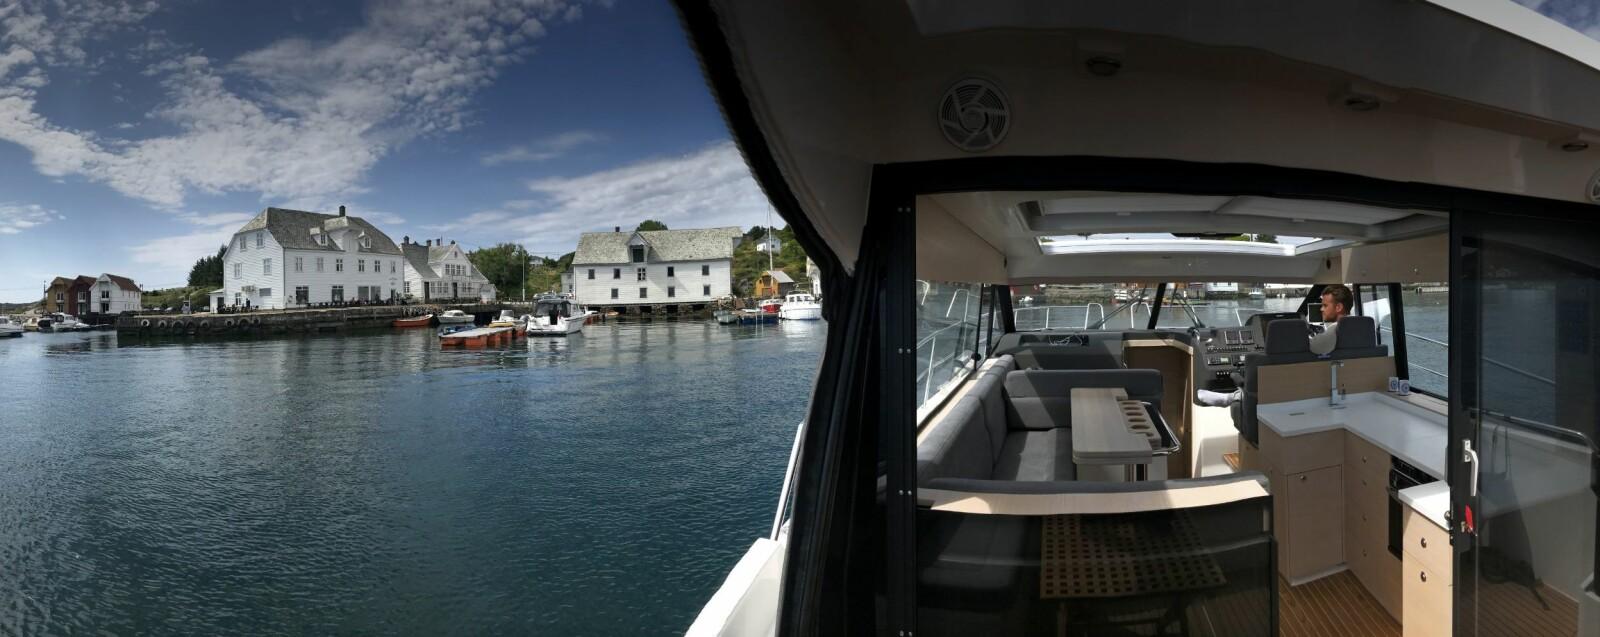 <b>INNE ER UTE:</b> Åpne løsninger i Skilsø Panorama 39 sørger for utefølelse selv i cockpit. Her dupper vi i den tradisjonsrike uthavna Glesvær.